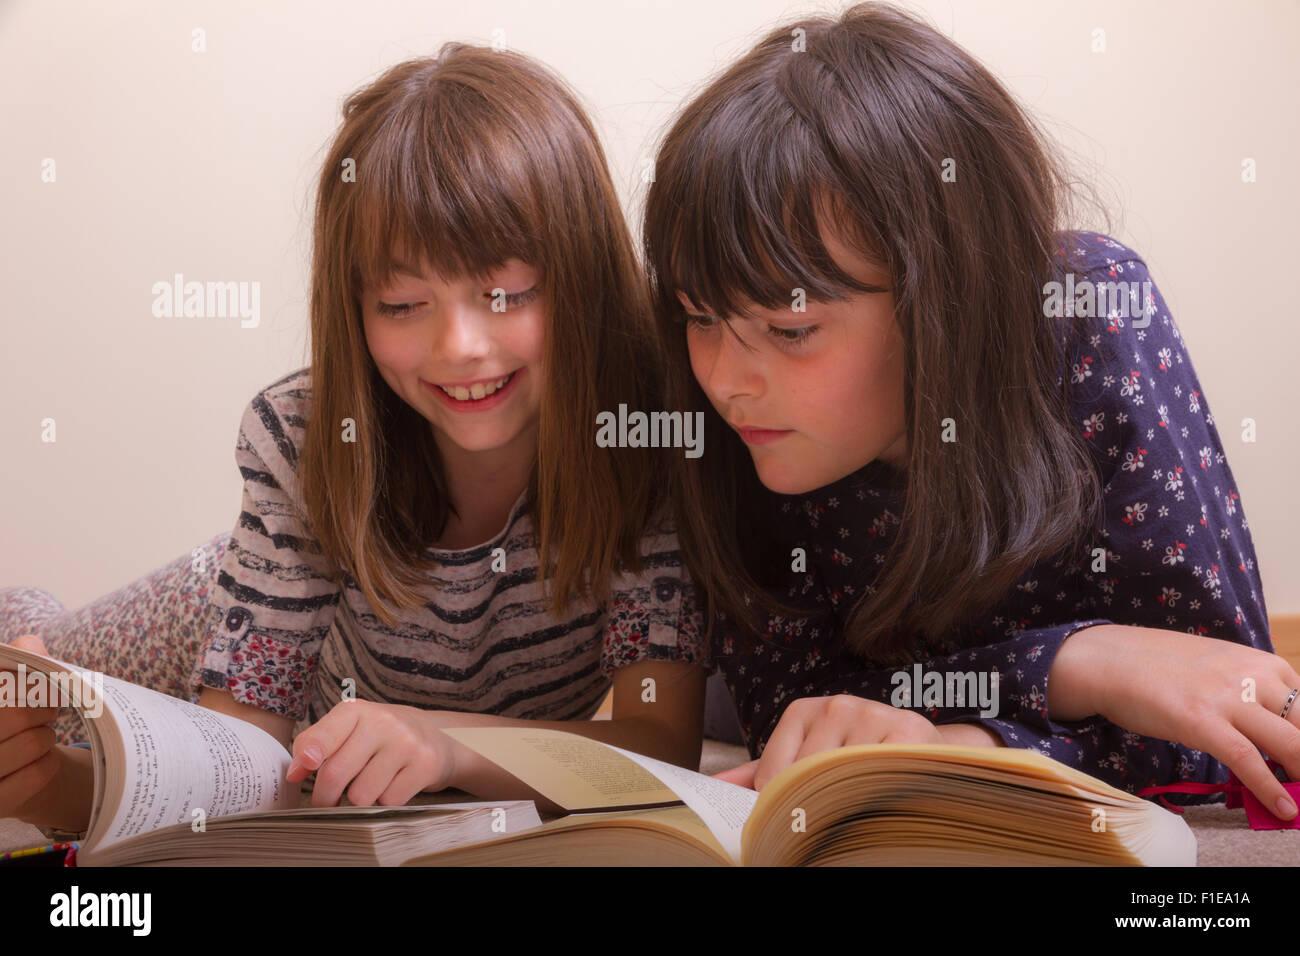 2 junge weiße 9 & 11 Jahre alte Mädchen auf dem Boden, die Bücher zu lesen, als ein Lächeln Stockbild